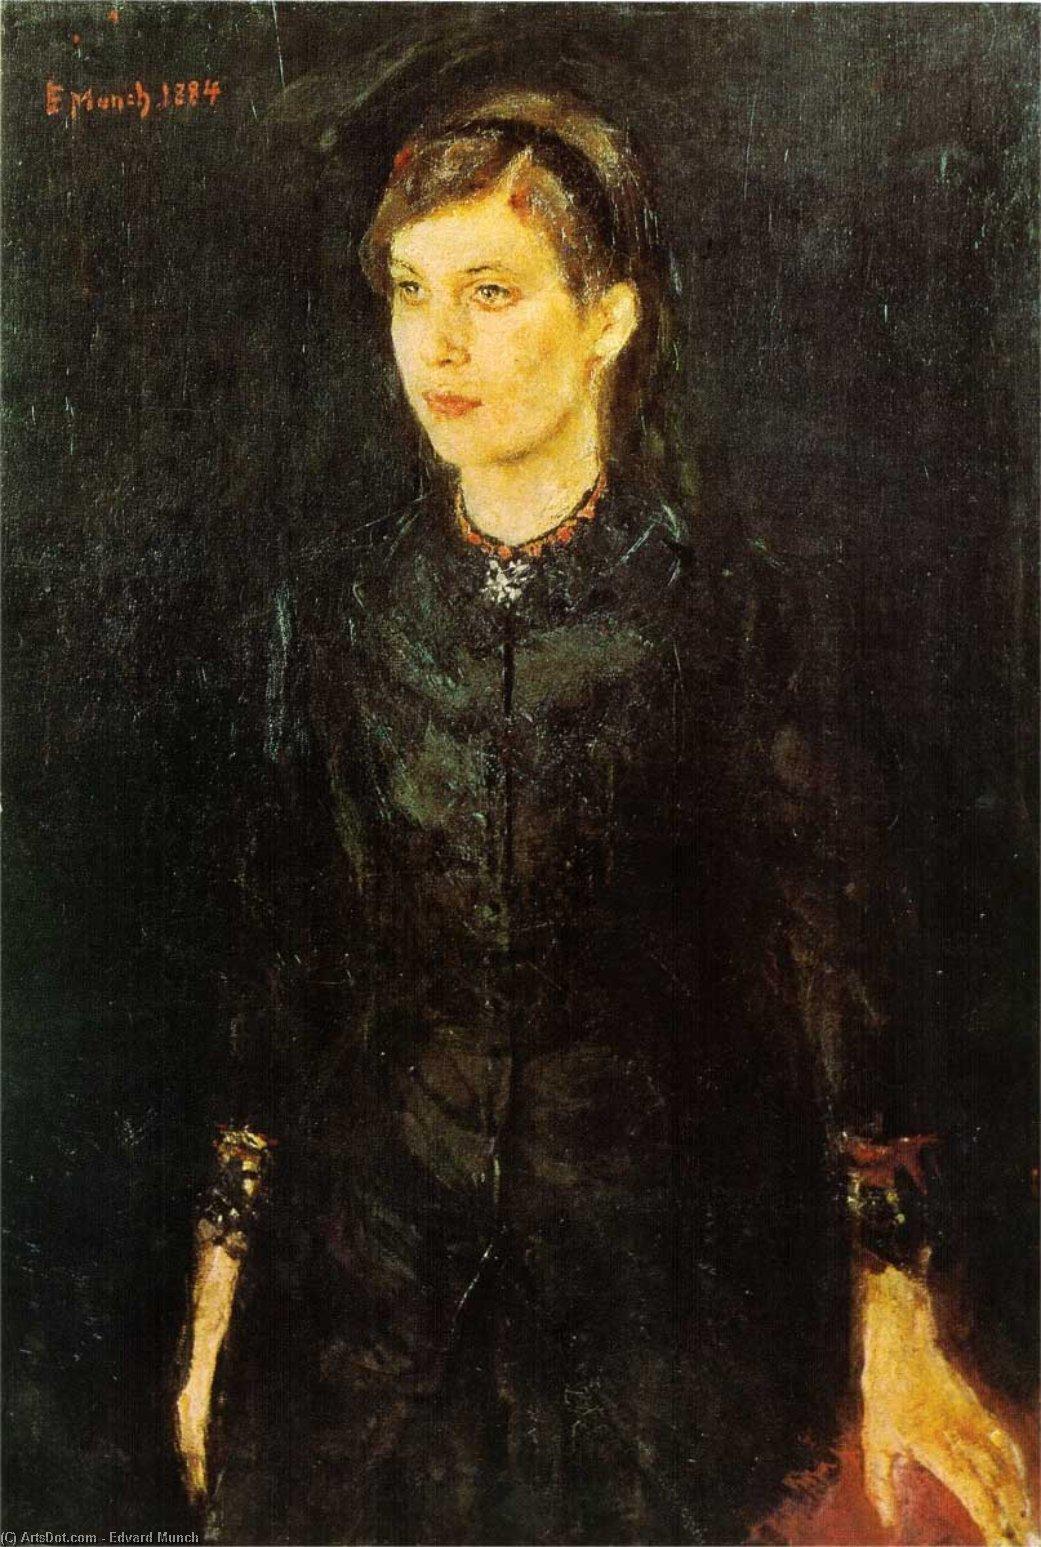 Retrato de Inger. Edvard Munch. 1884, Óleo sobre lienzo, 97x67 cm. Oslo, Galería Nacional.